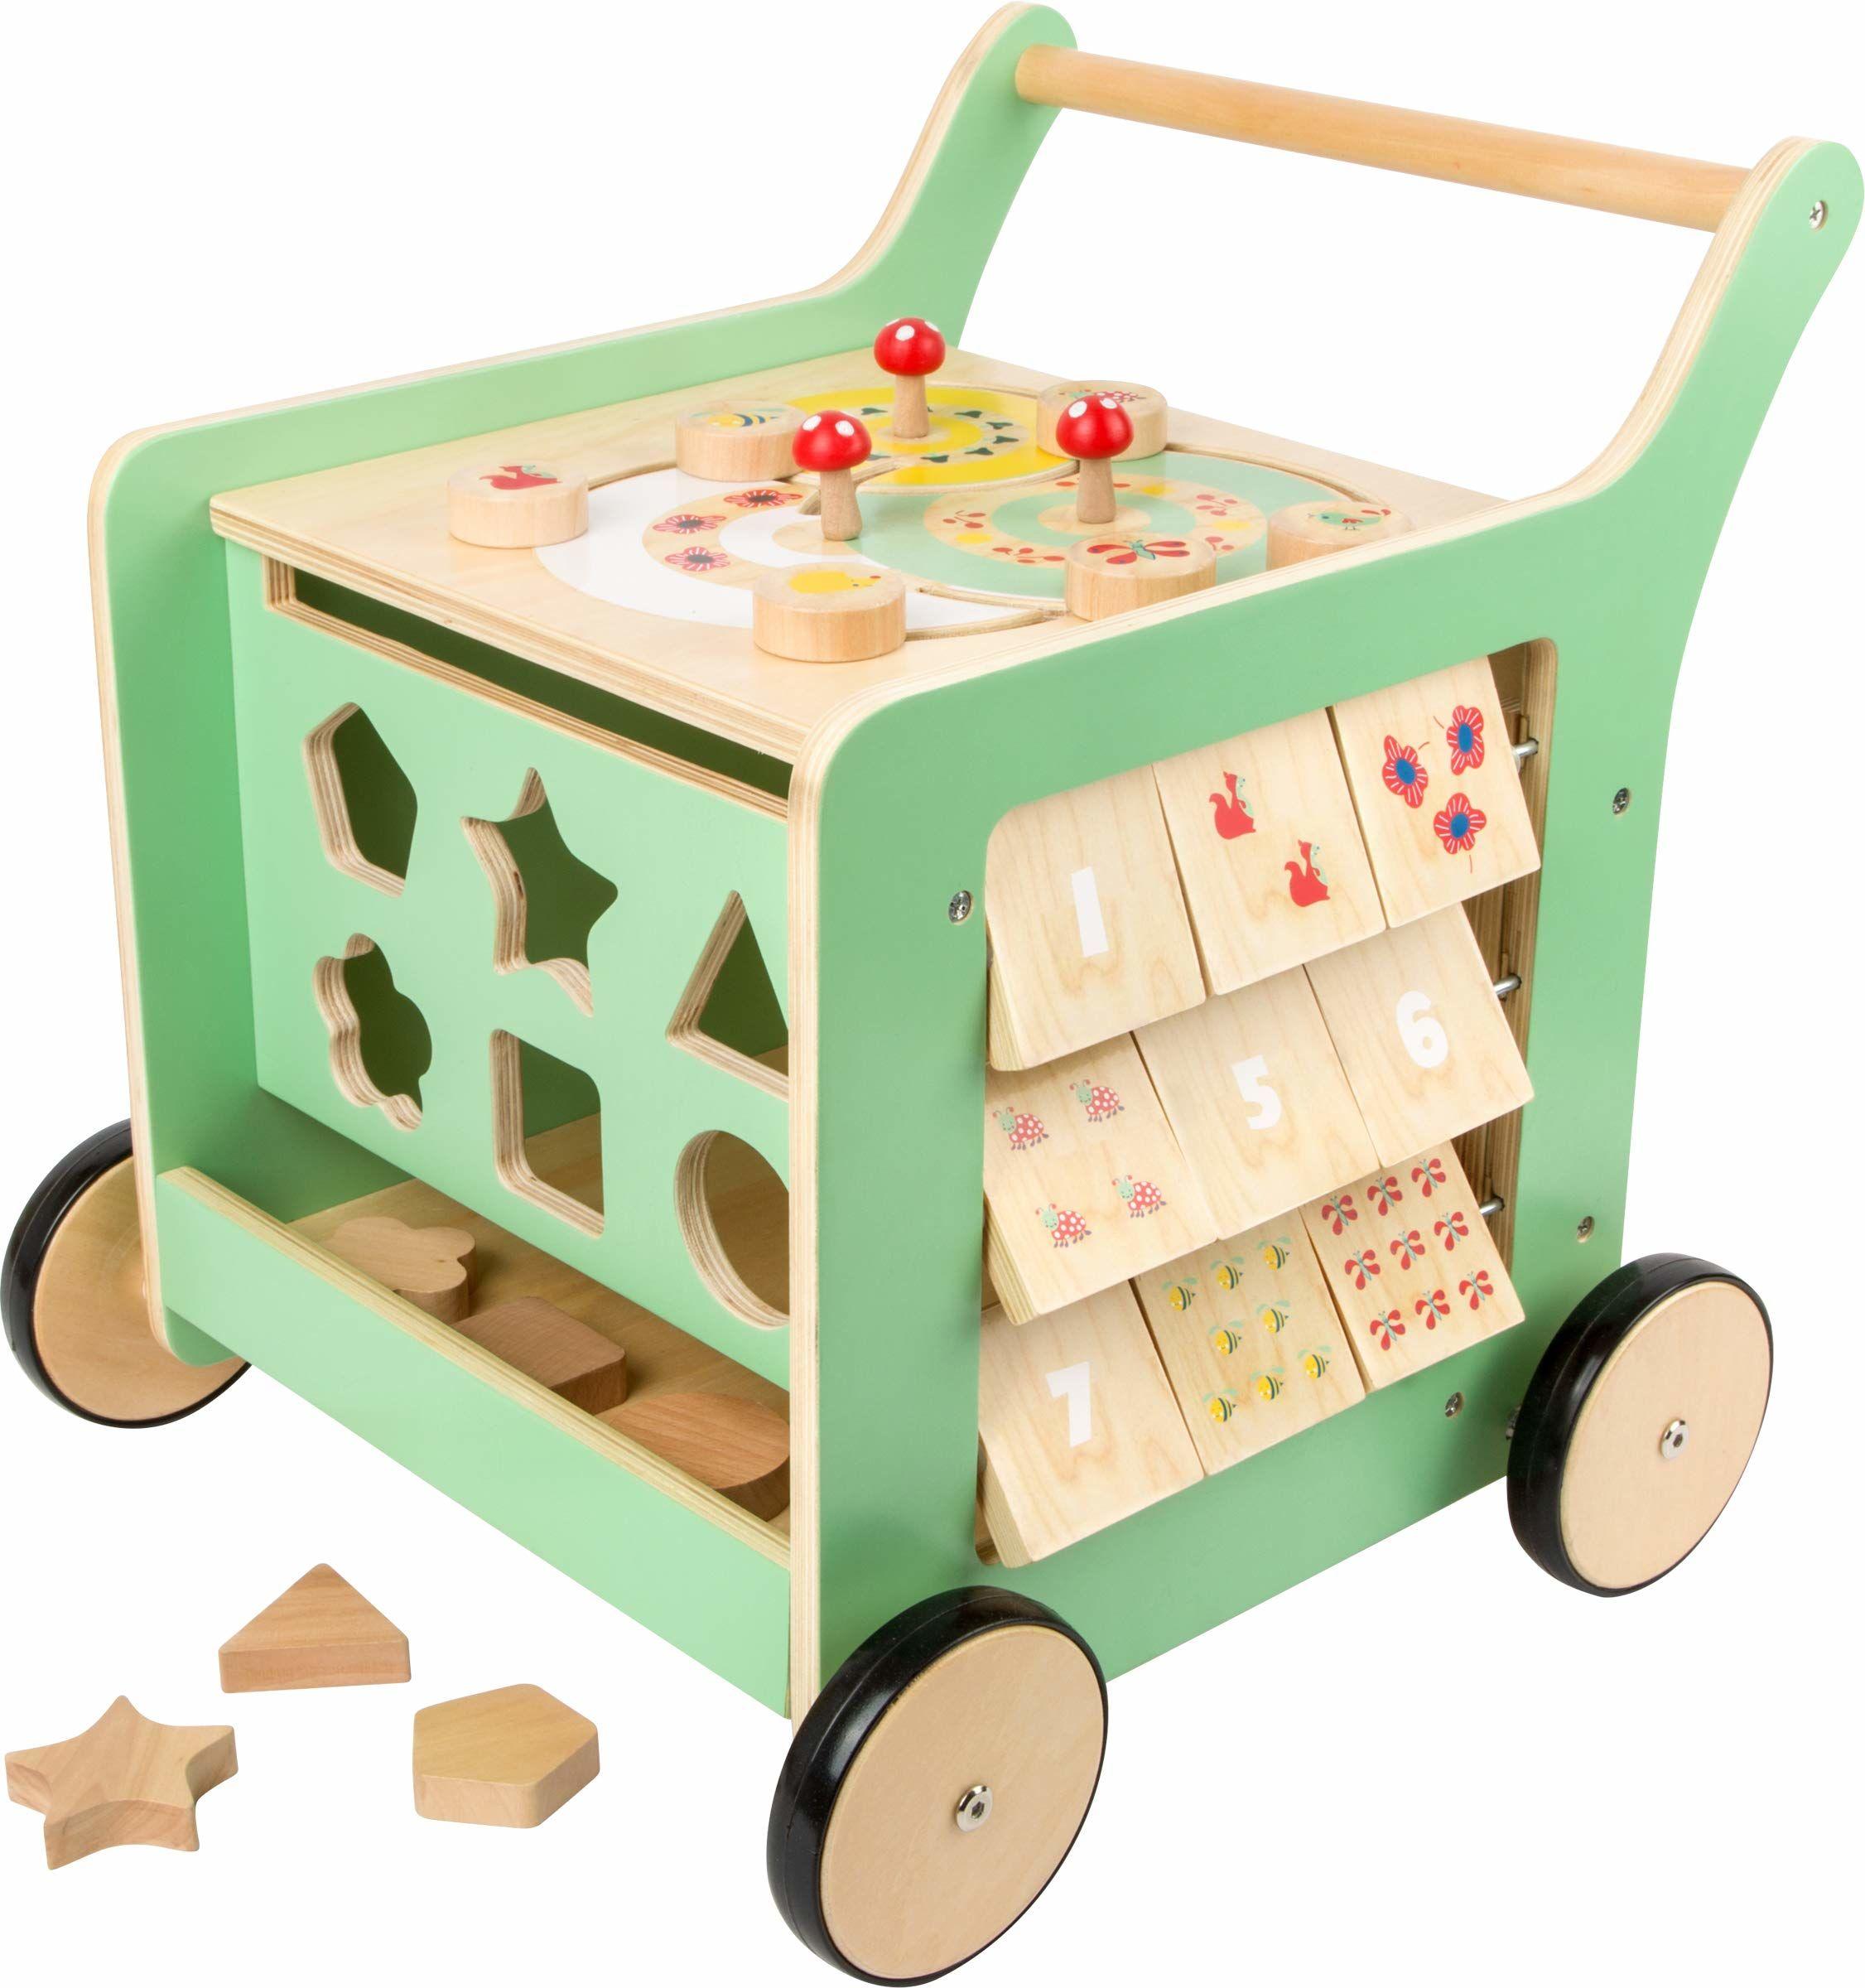 Small Foot 10947 chodzik dla niemowląt, wykonany w 100% z drewna z certyfikatem FSC, zabawka do aktywności motorycznej i pomoc w nauce chodzenia, wielokolorowy